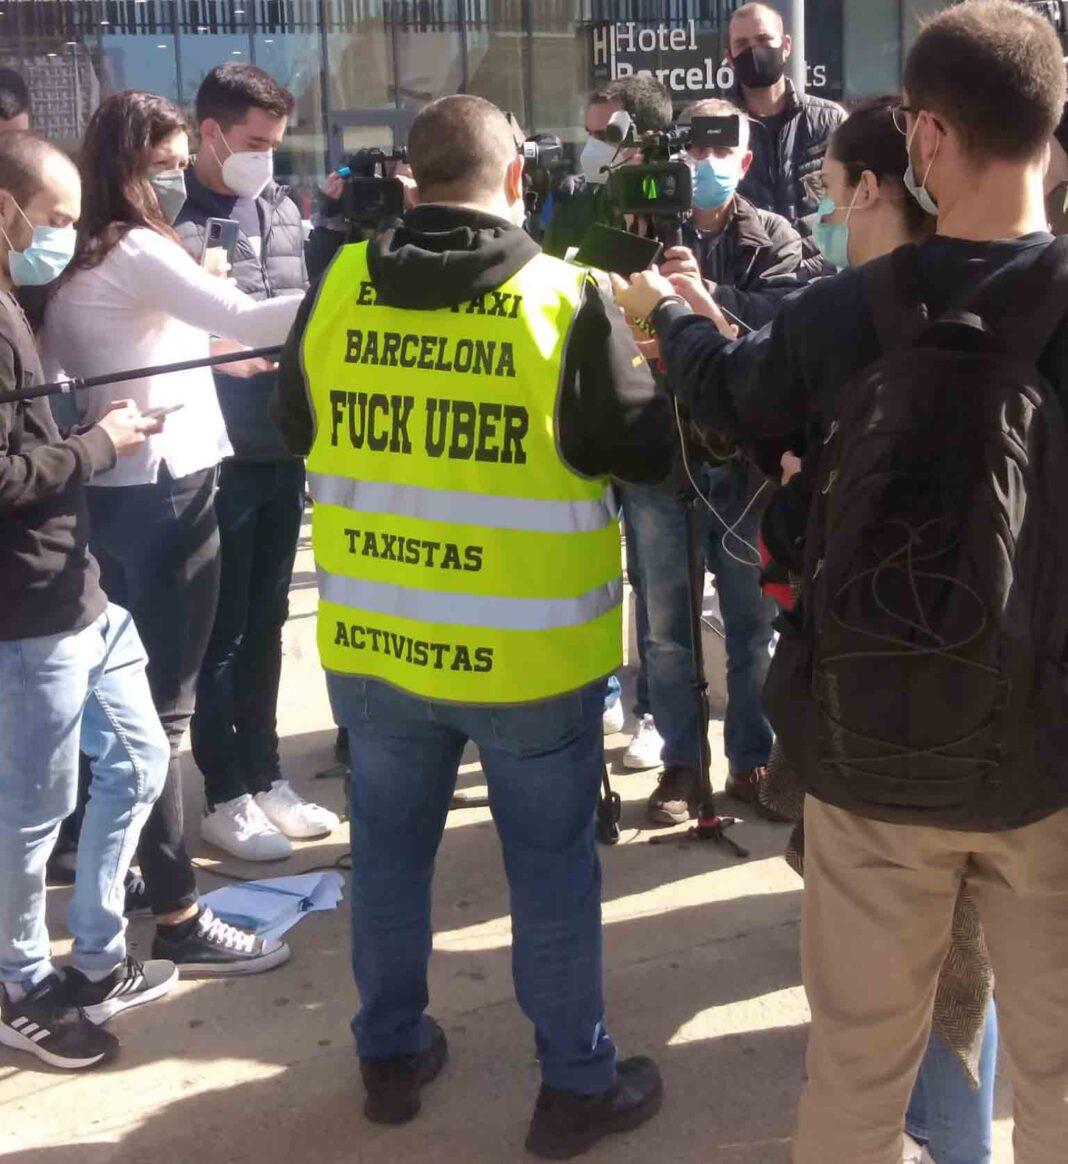 Movilización de los taxistas el jueves contra la intrusión de Uber en Barcelona